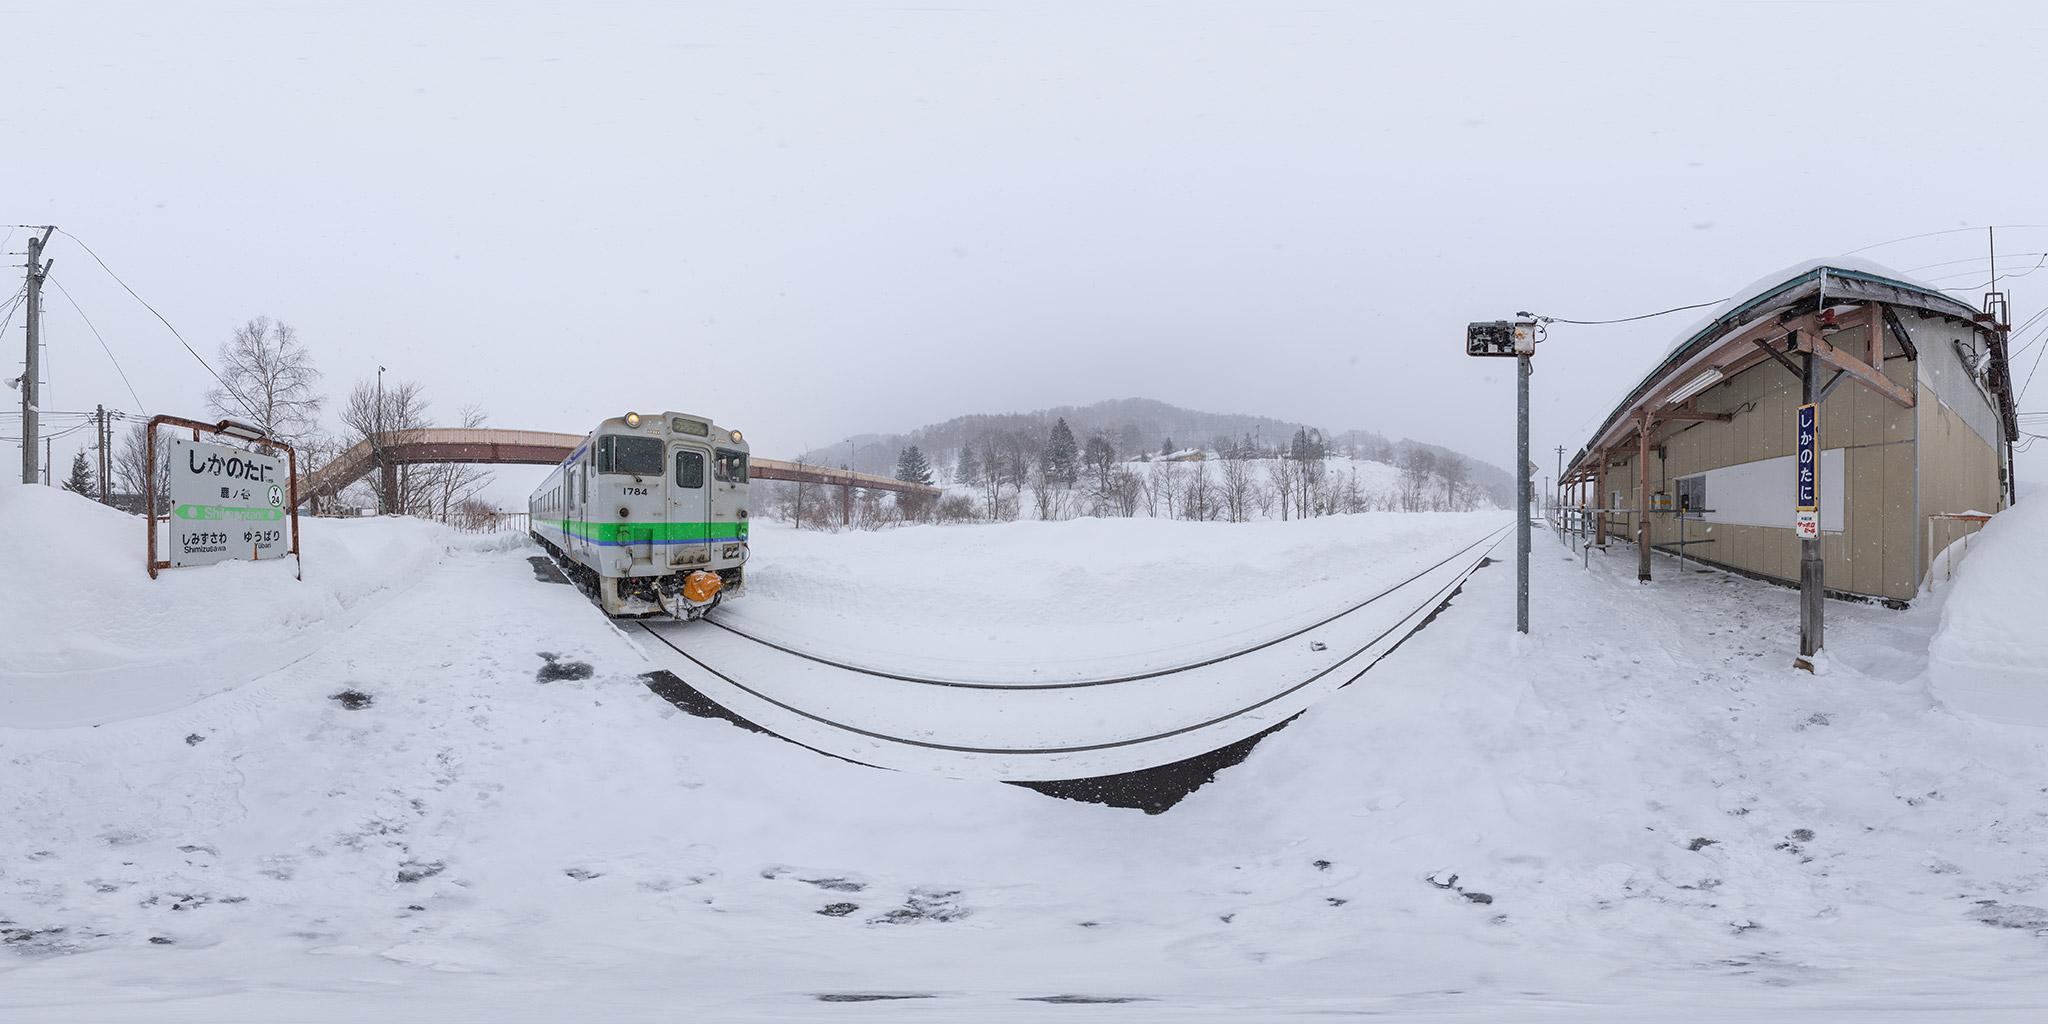 清水沢駅に到着する千歳行きのキハ40 1784(2632D)